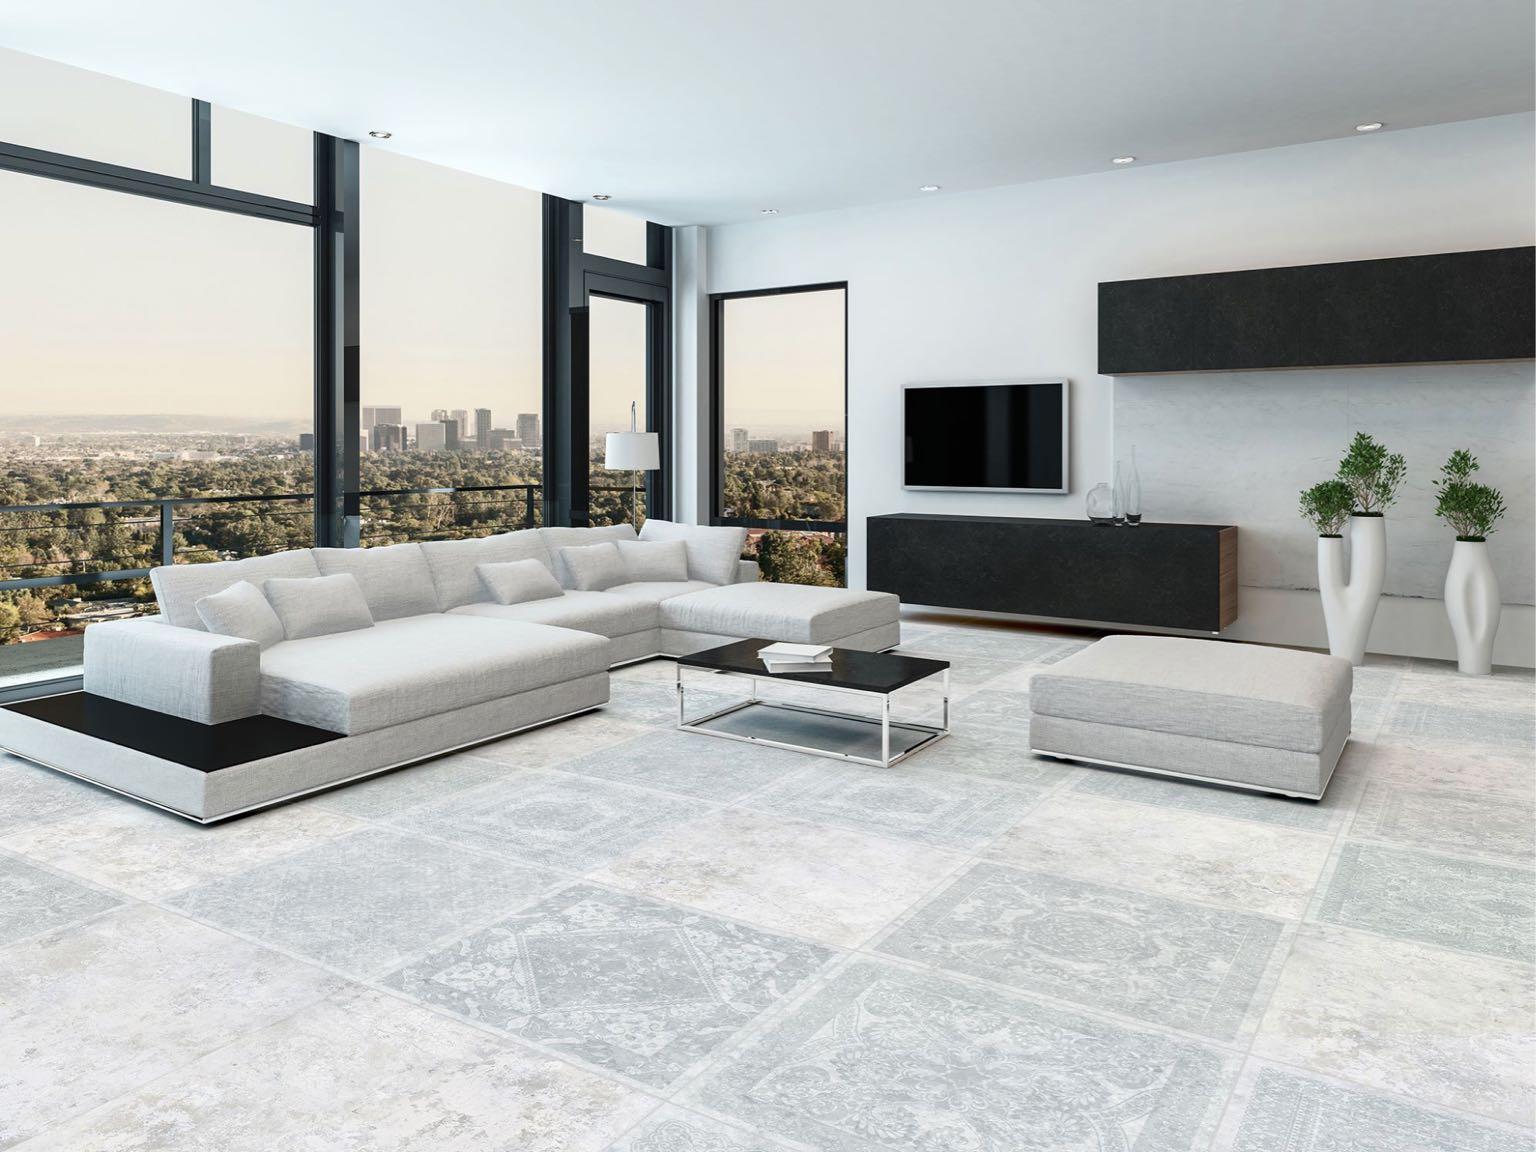 Por que morar em um apartamento de alto padrão?